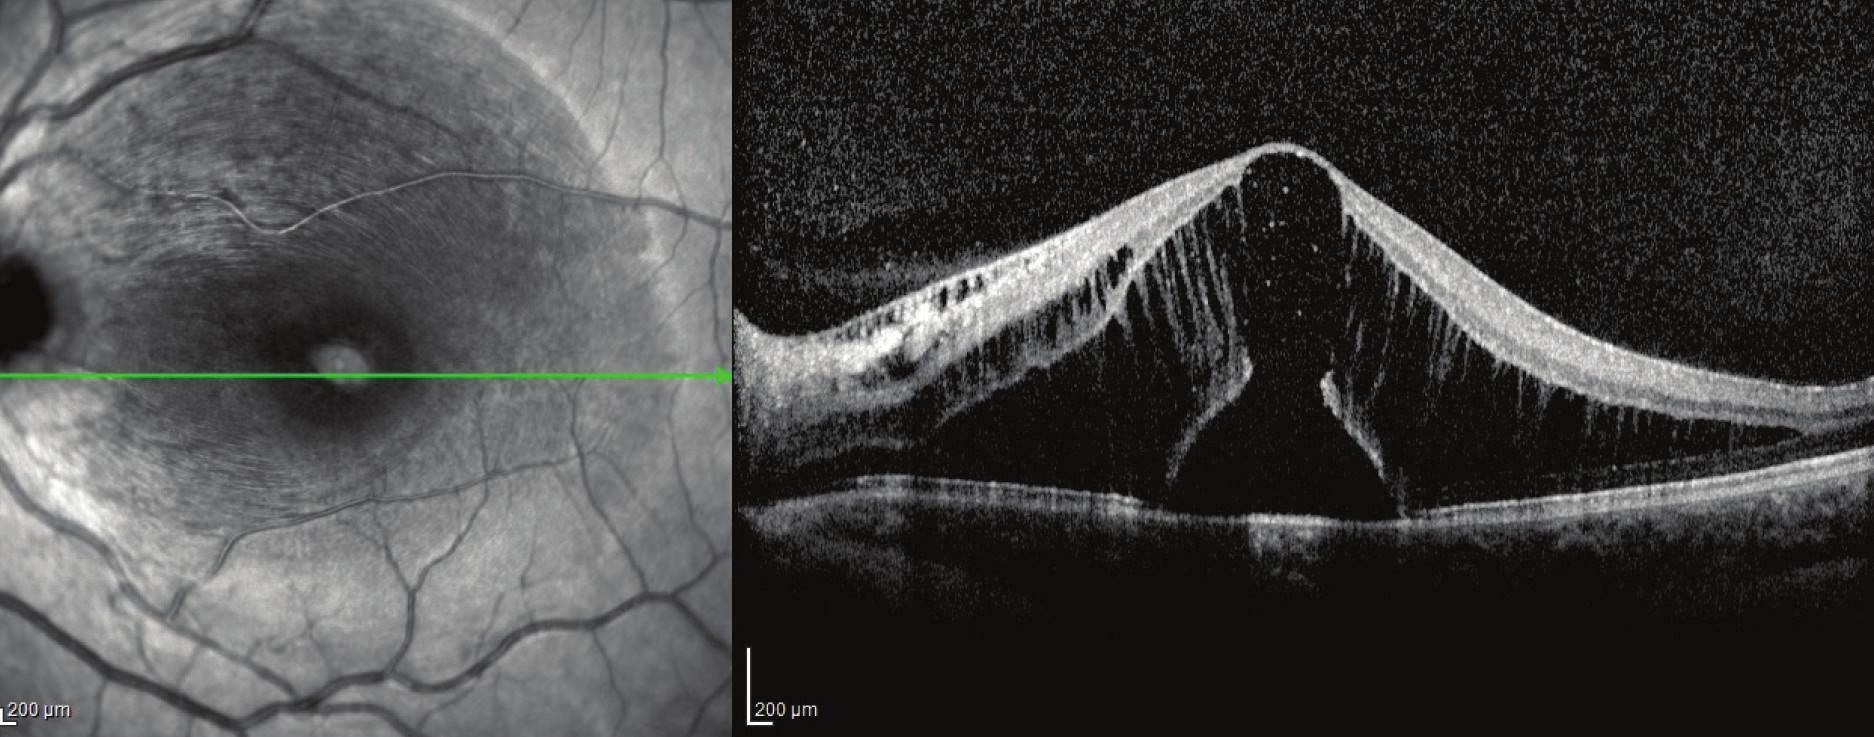 Obr. 6a Pacient č. 2 Lineární horizontální transfoveolární OCT sken OL před PPV, subfoveolárně kumulace subretinální tekutiny zeslabení sítnicových vrstev a vytvoření zevního lamelárního defektu, makulární retinoschíza vnitřní i zevní vrstvy sítnice.